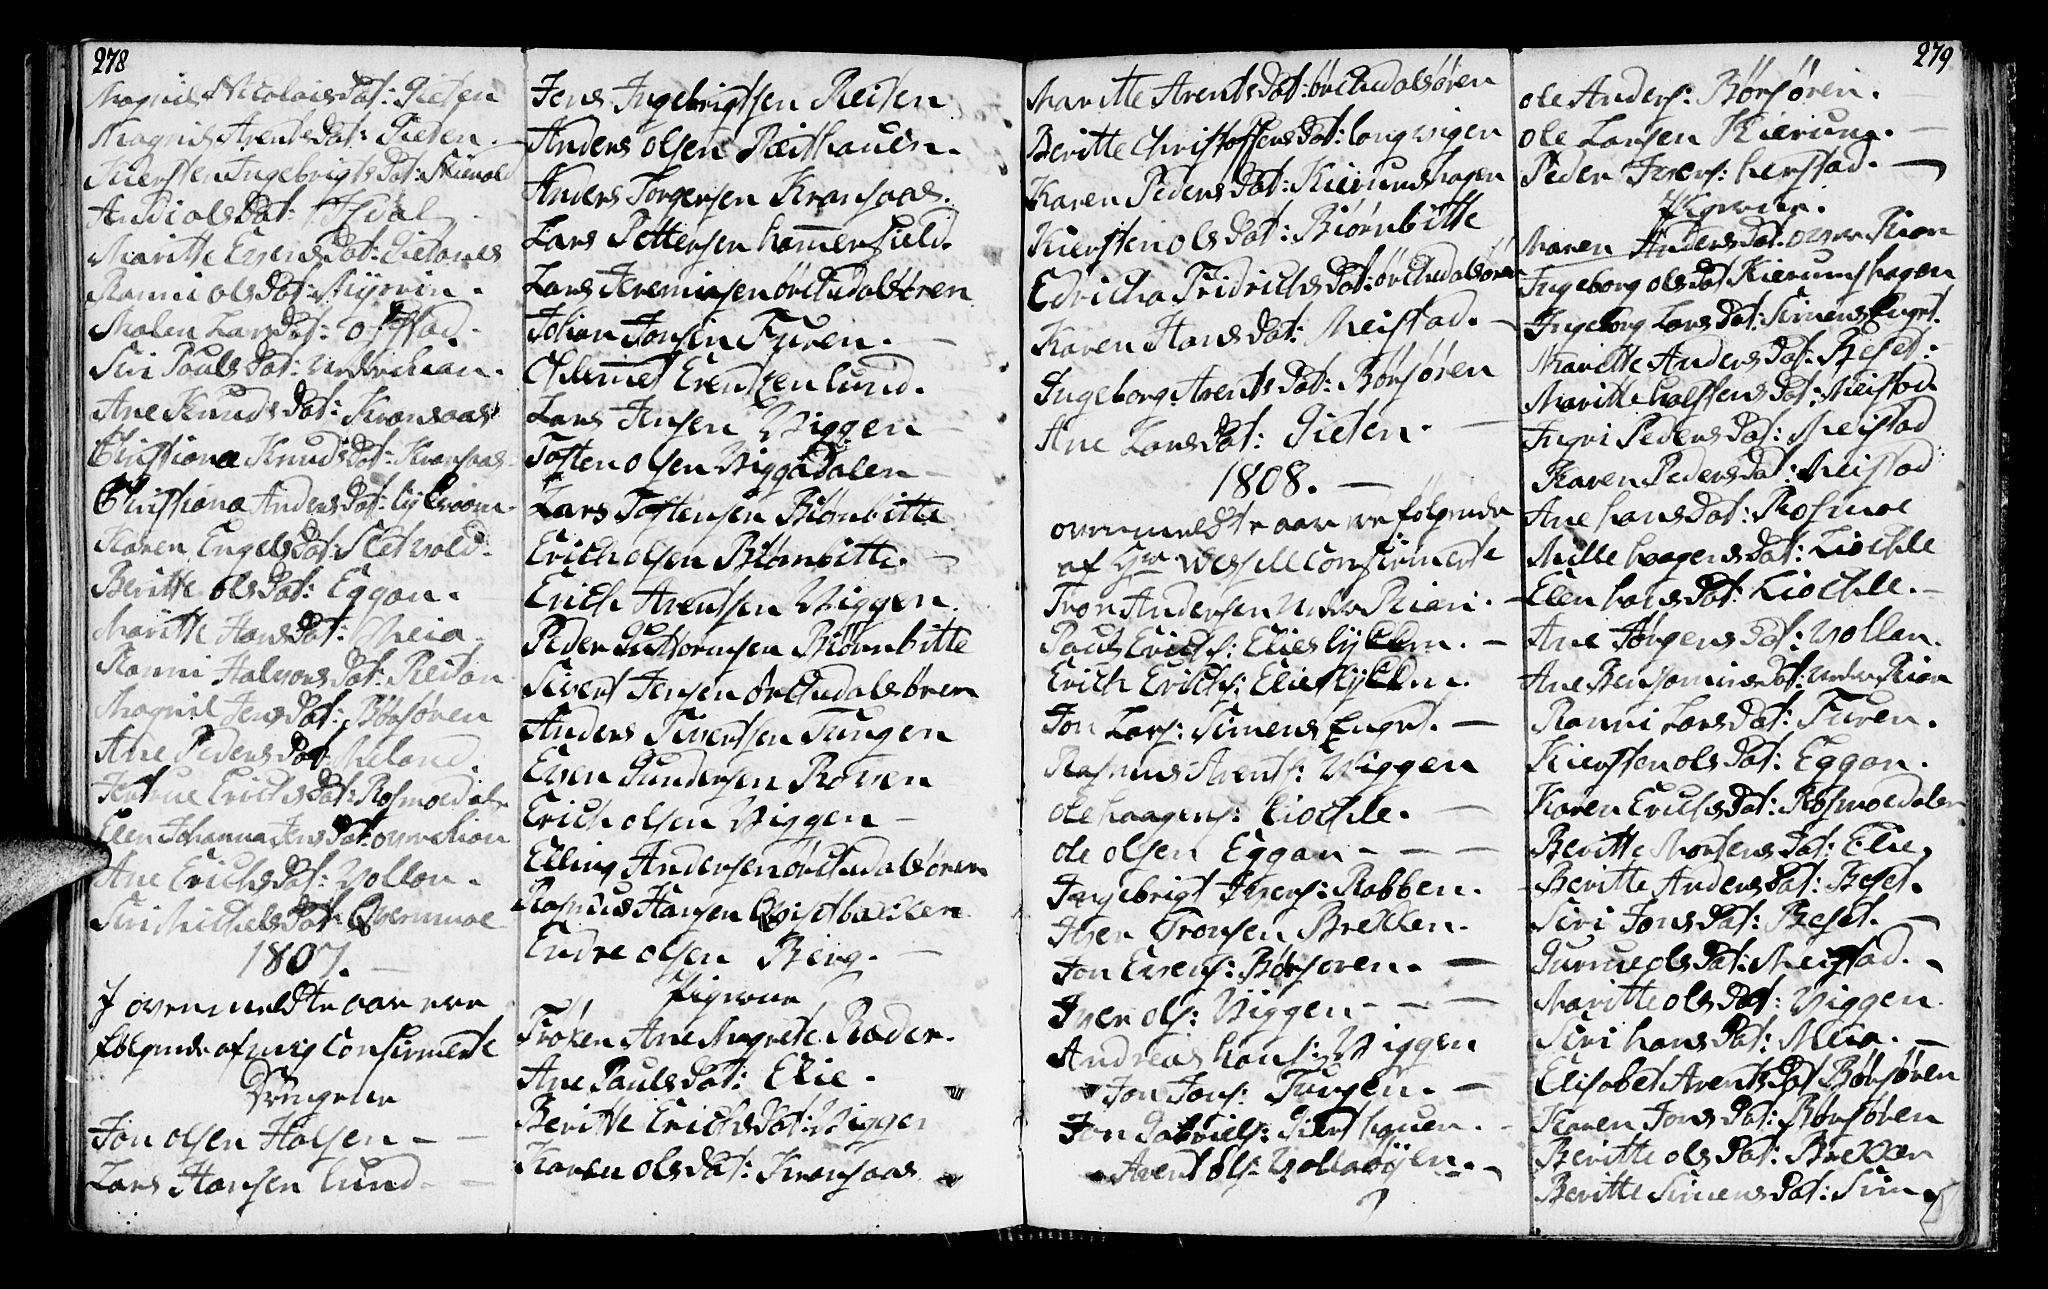 SAT, Ministerialprotokoller, klokkerbøker og fødselsregistre - Sør-Trøndelag, 665/L0769: Ministerialbok nr. 665A04, 1803-1816, s. 278-279